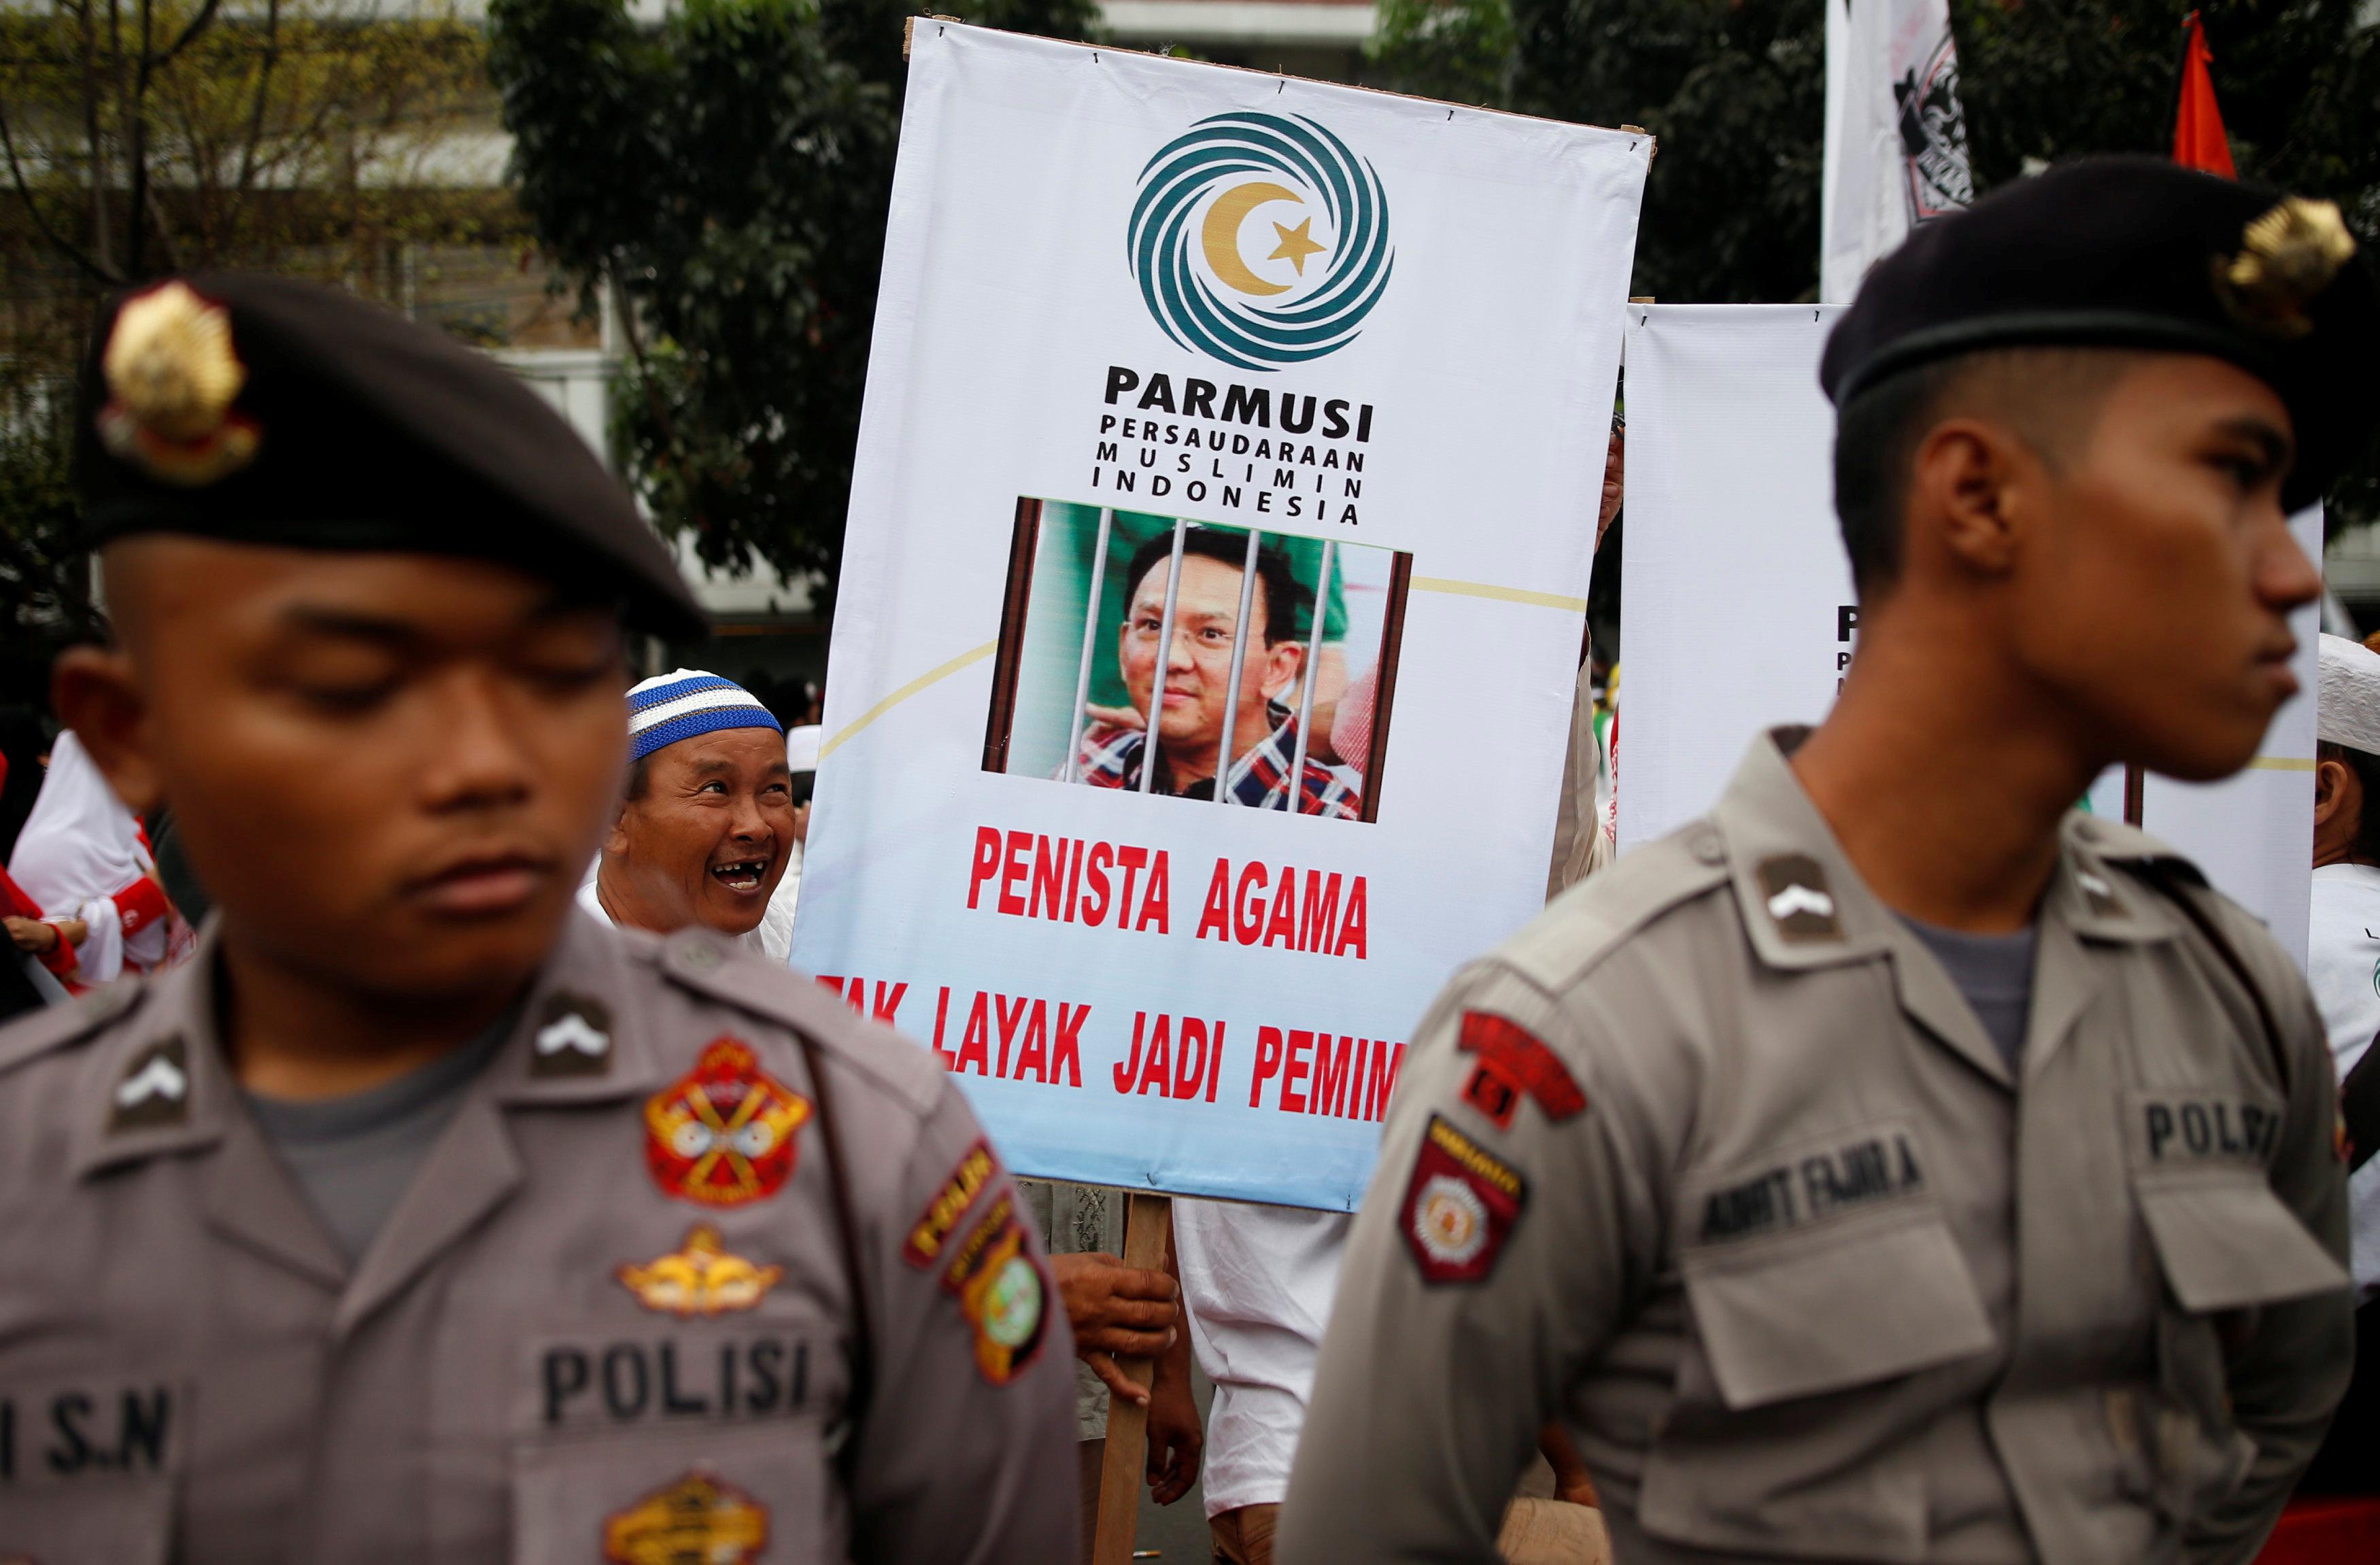 تظاهرات فى اندونيسيا